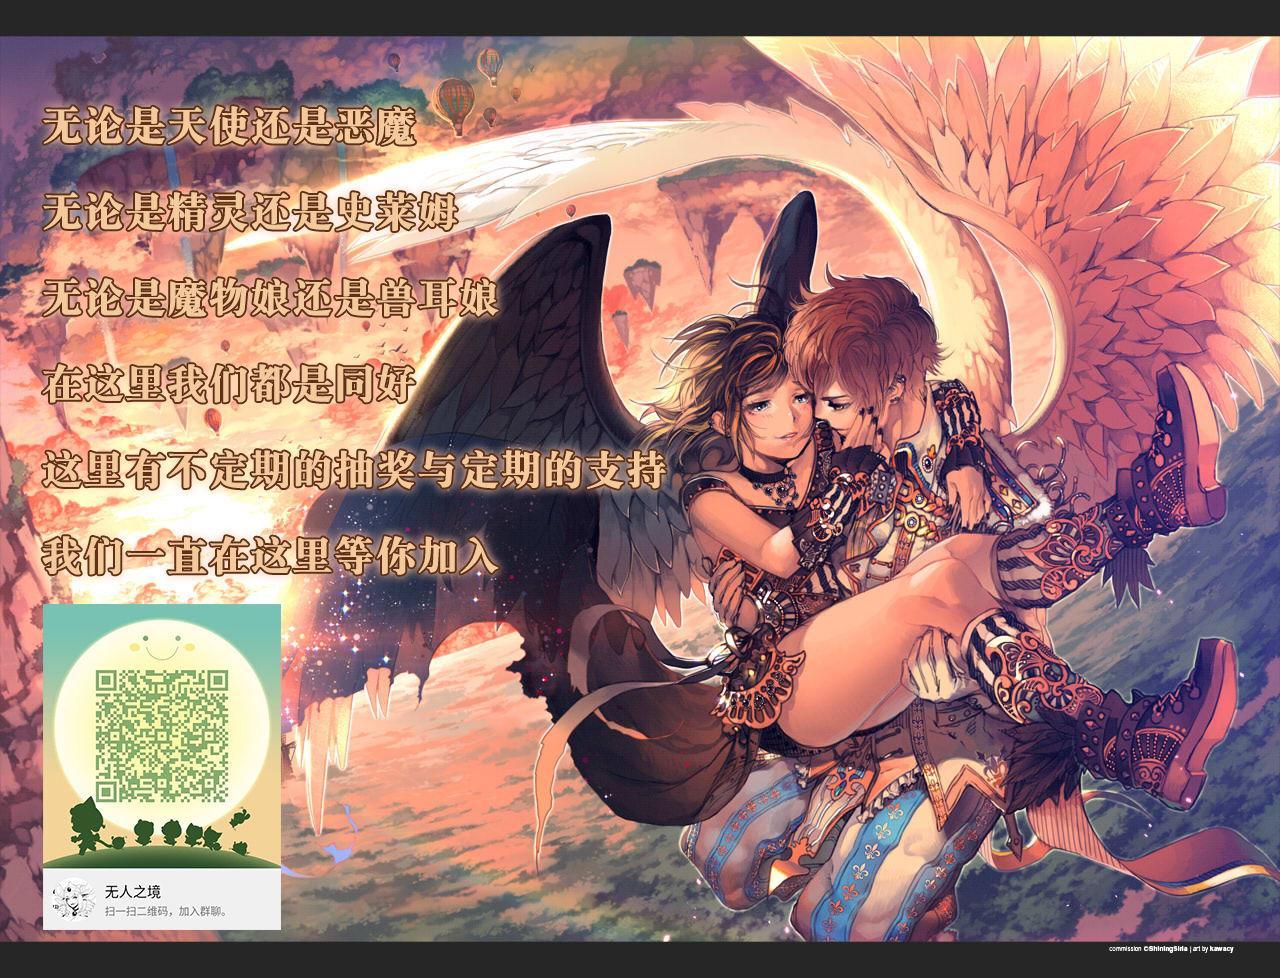 [Morikoke] Chijoku no Mori -Elf Kanraku- ch.1-5 [Chinese] [逃亡者x新桥月白日语社汉化] [Digital] 32